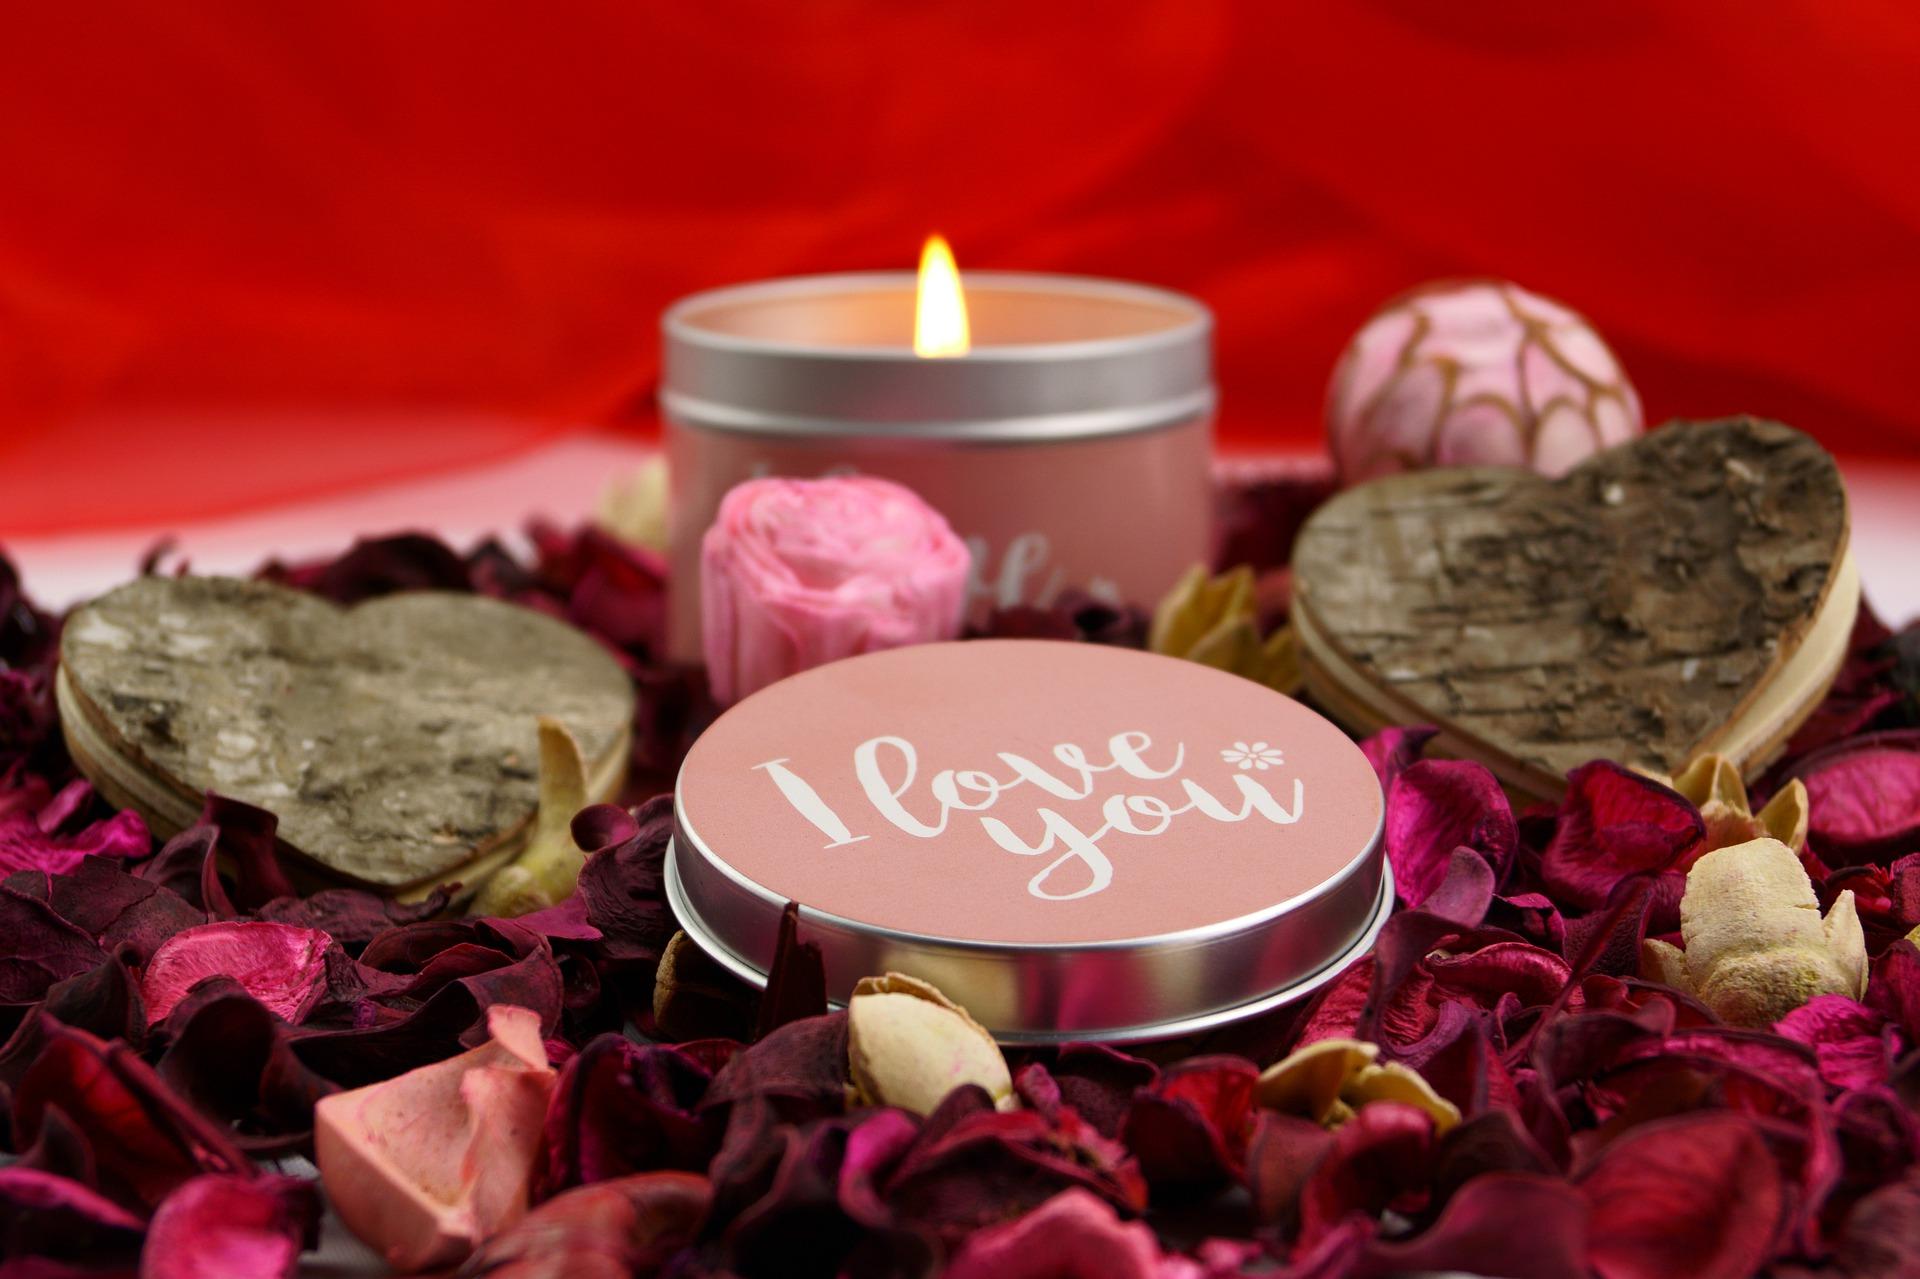 بالصور صور لعيد الحب , قبلات حمراء ومواعيد غرامية ابرز مشاهد الفلانتين 1819 12